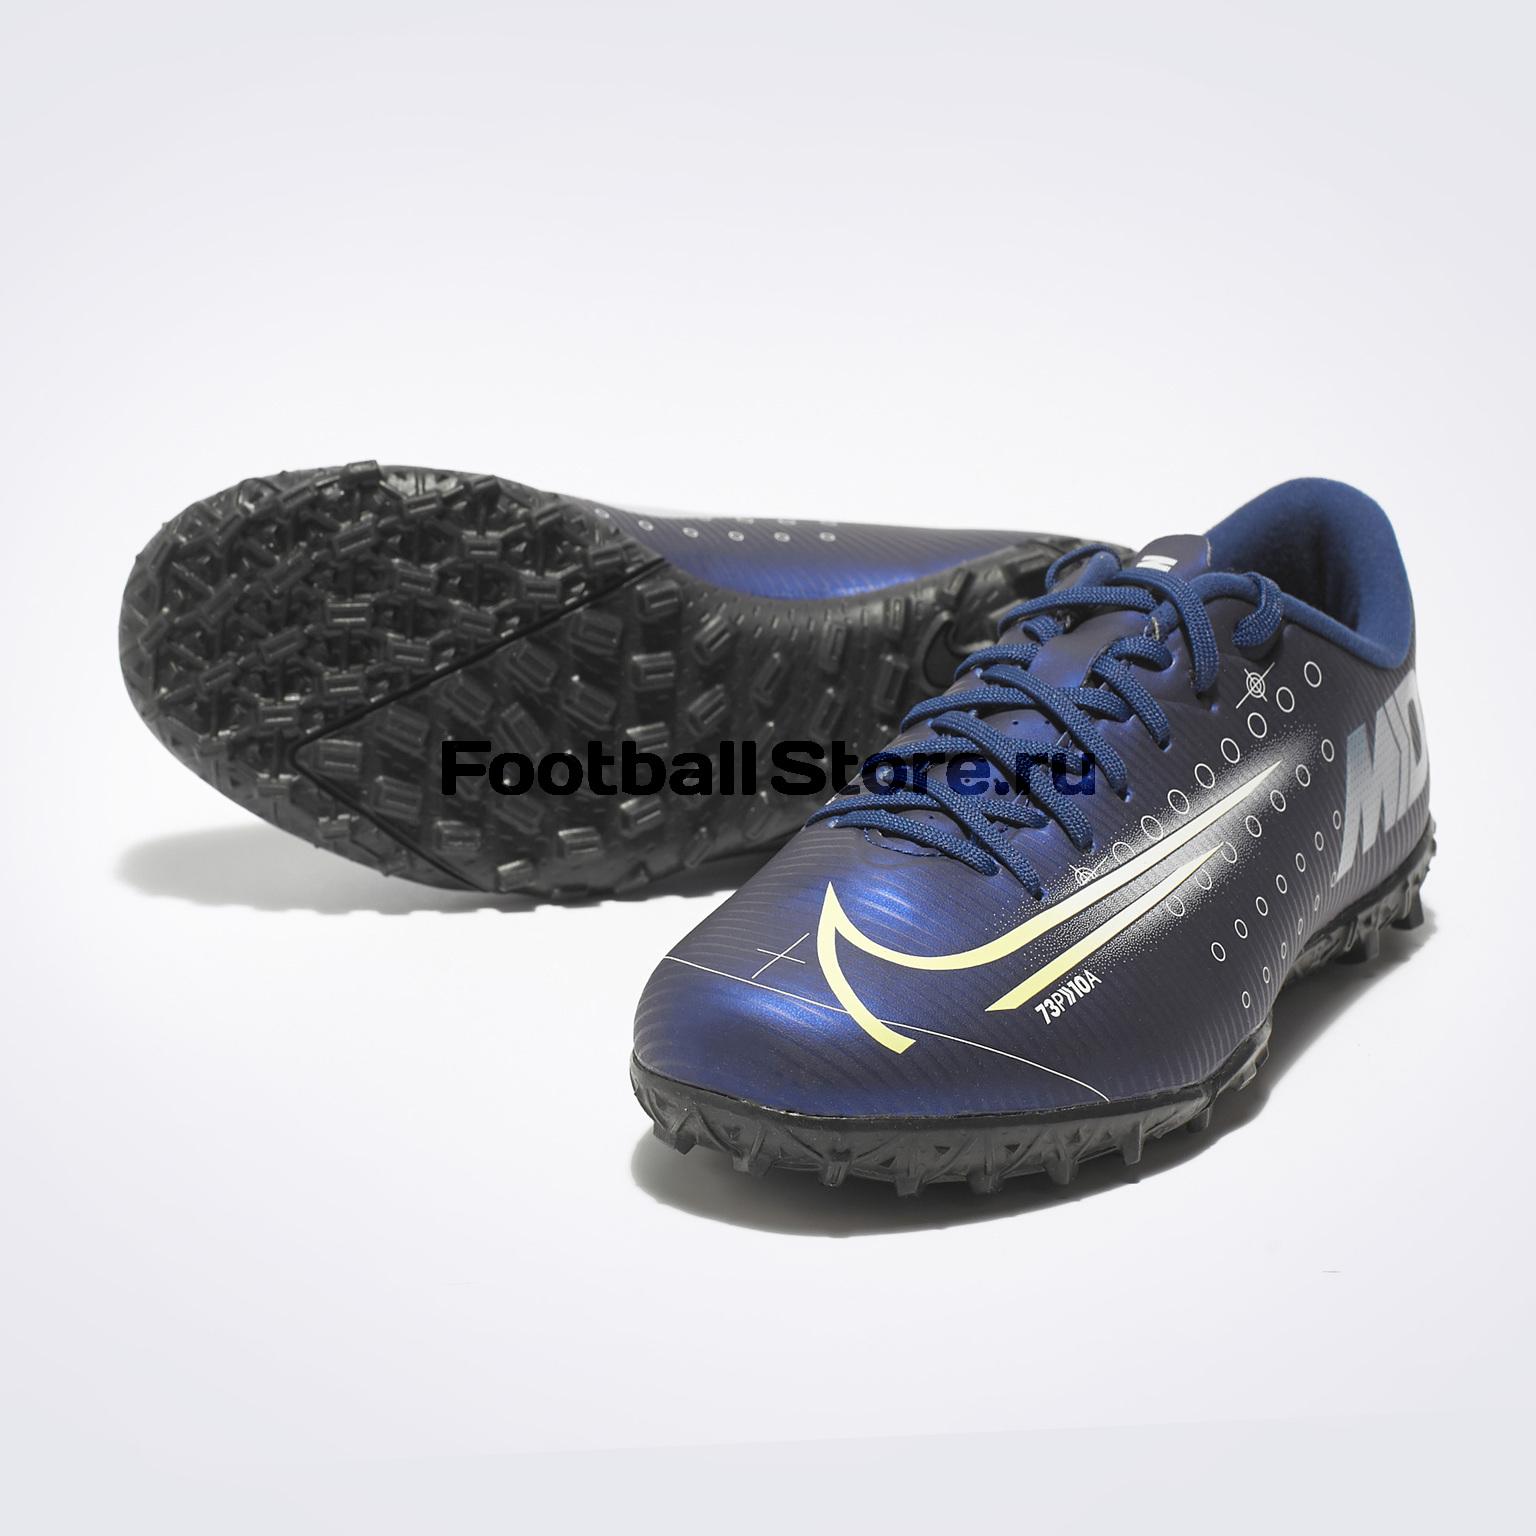 цена на Шиповки детские Nike Vapor 13 Academy MDS TF CJ1178-401